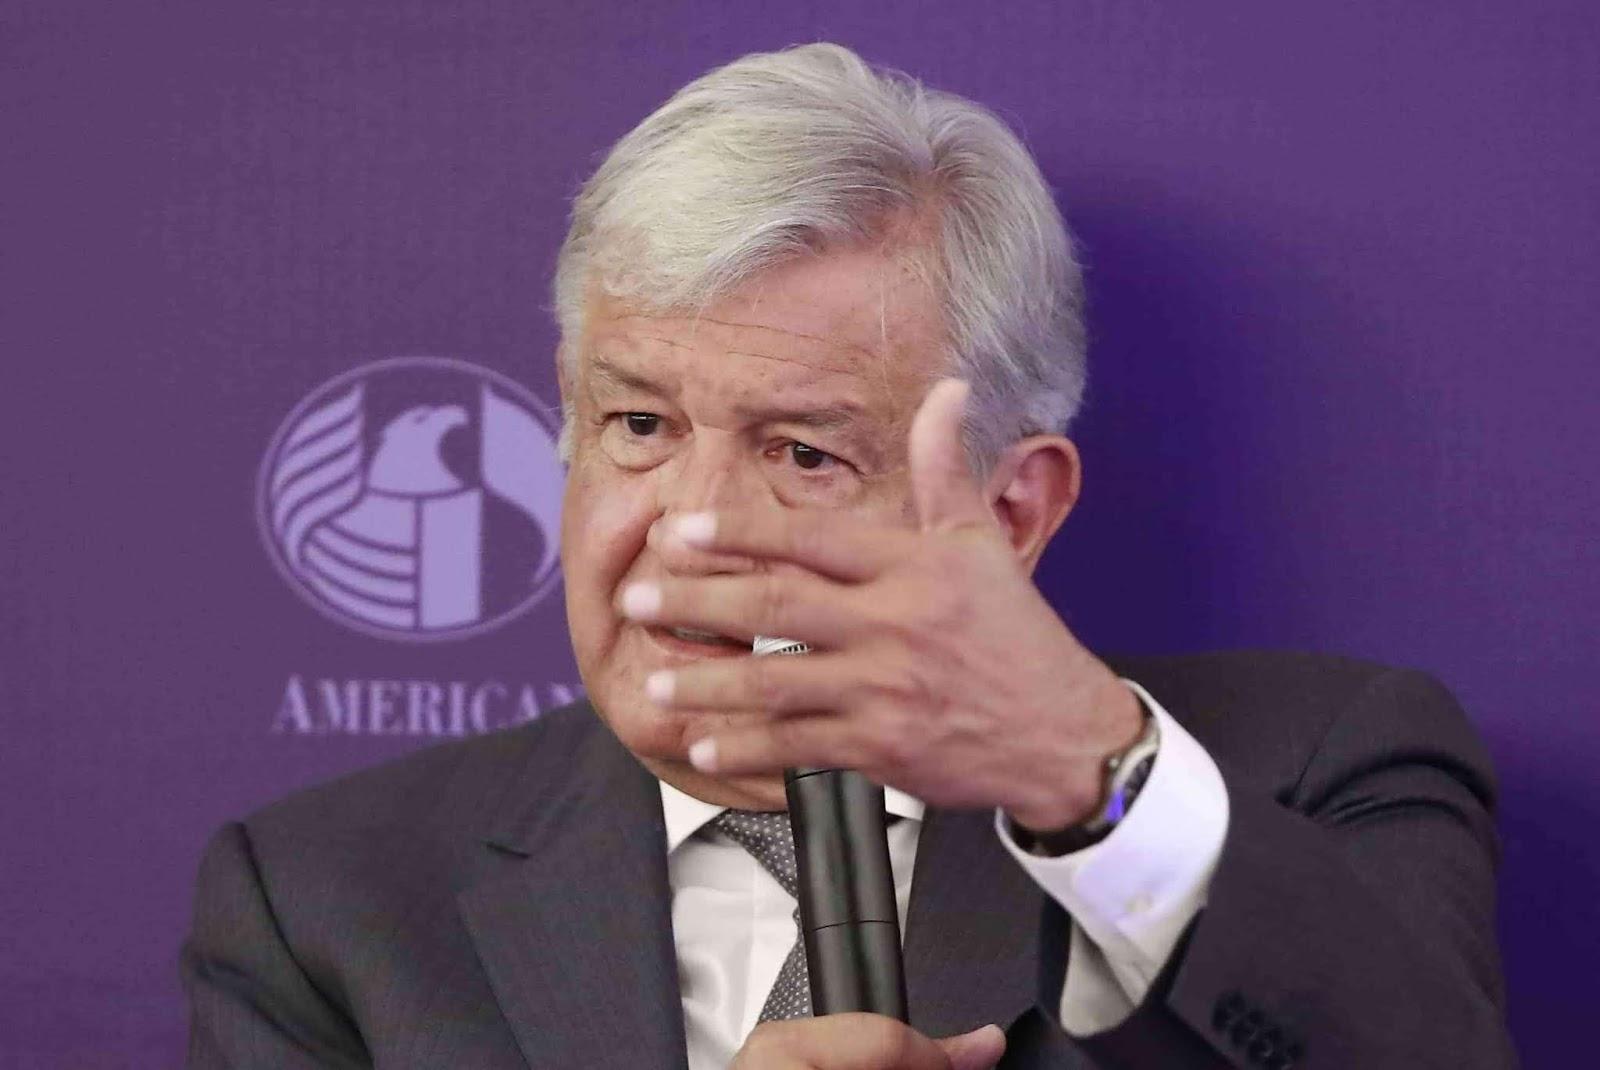 Trumps Rhetorik auf Kollisionskurs mit Mexikos Aufstieg als multipolarer Macht